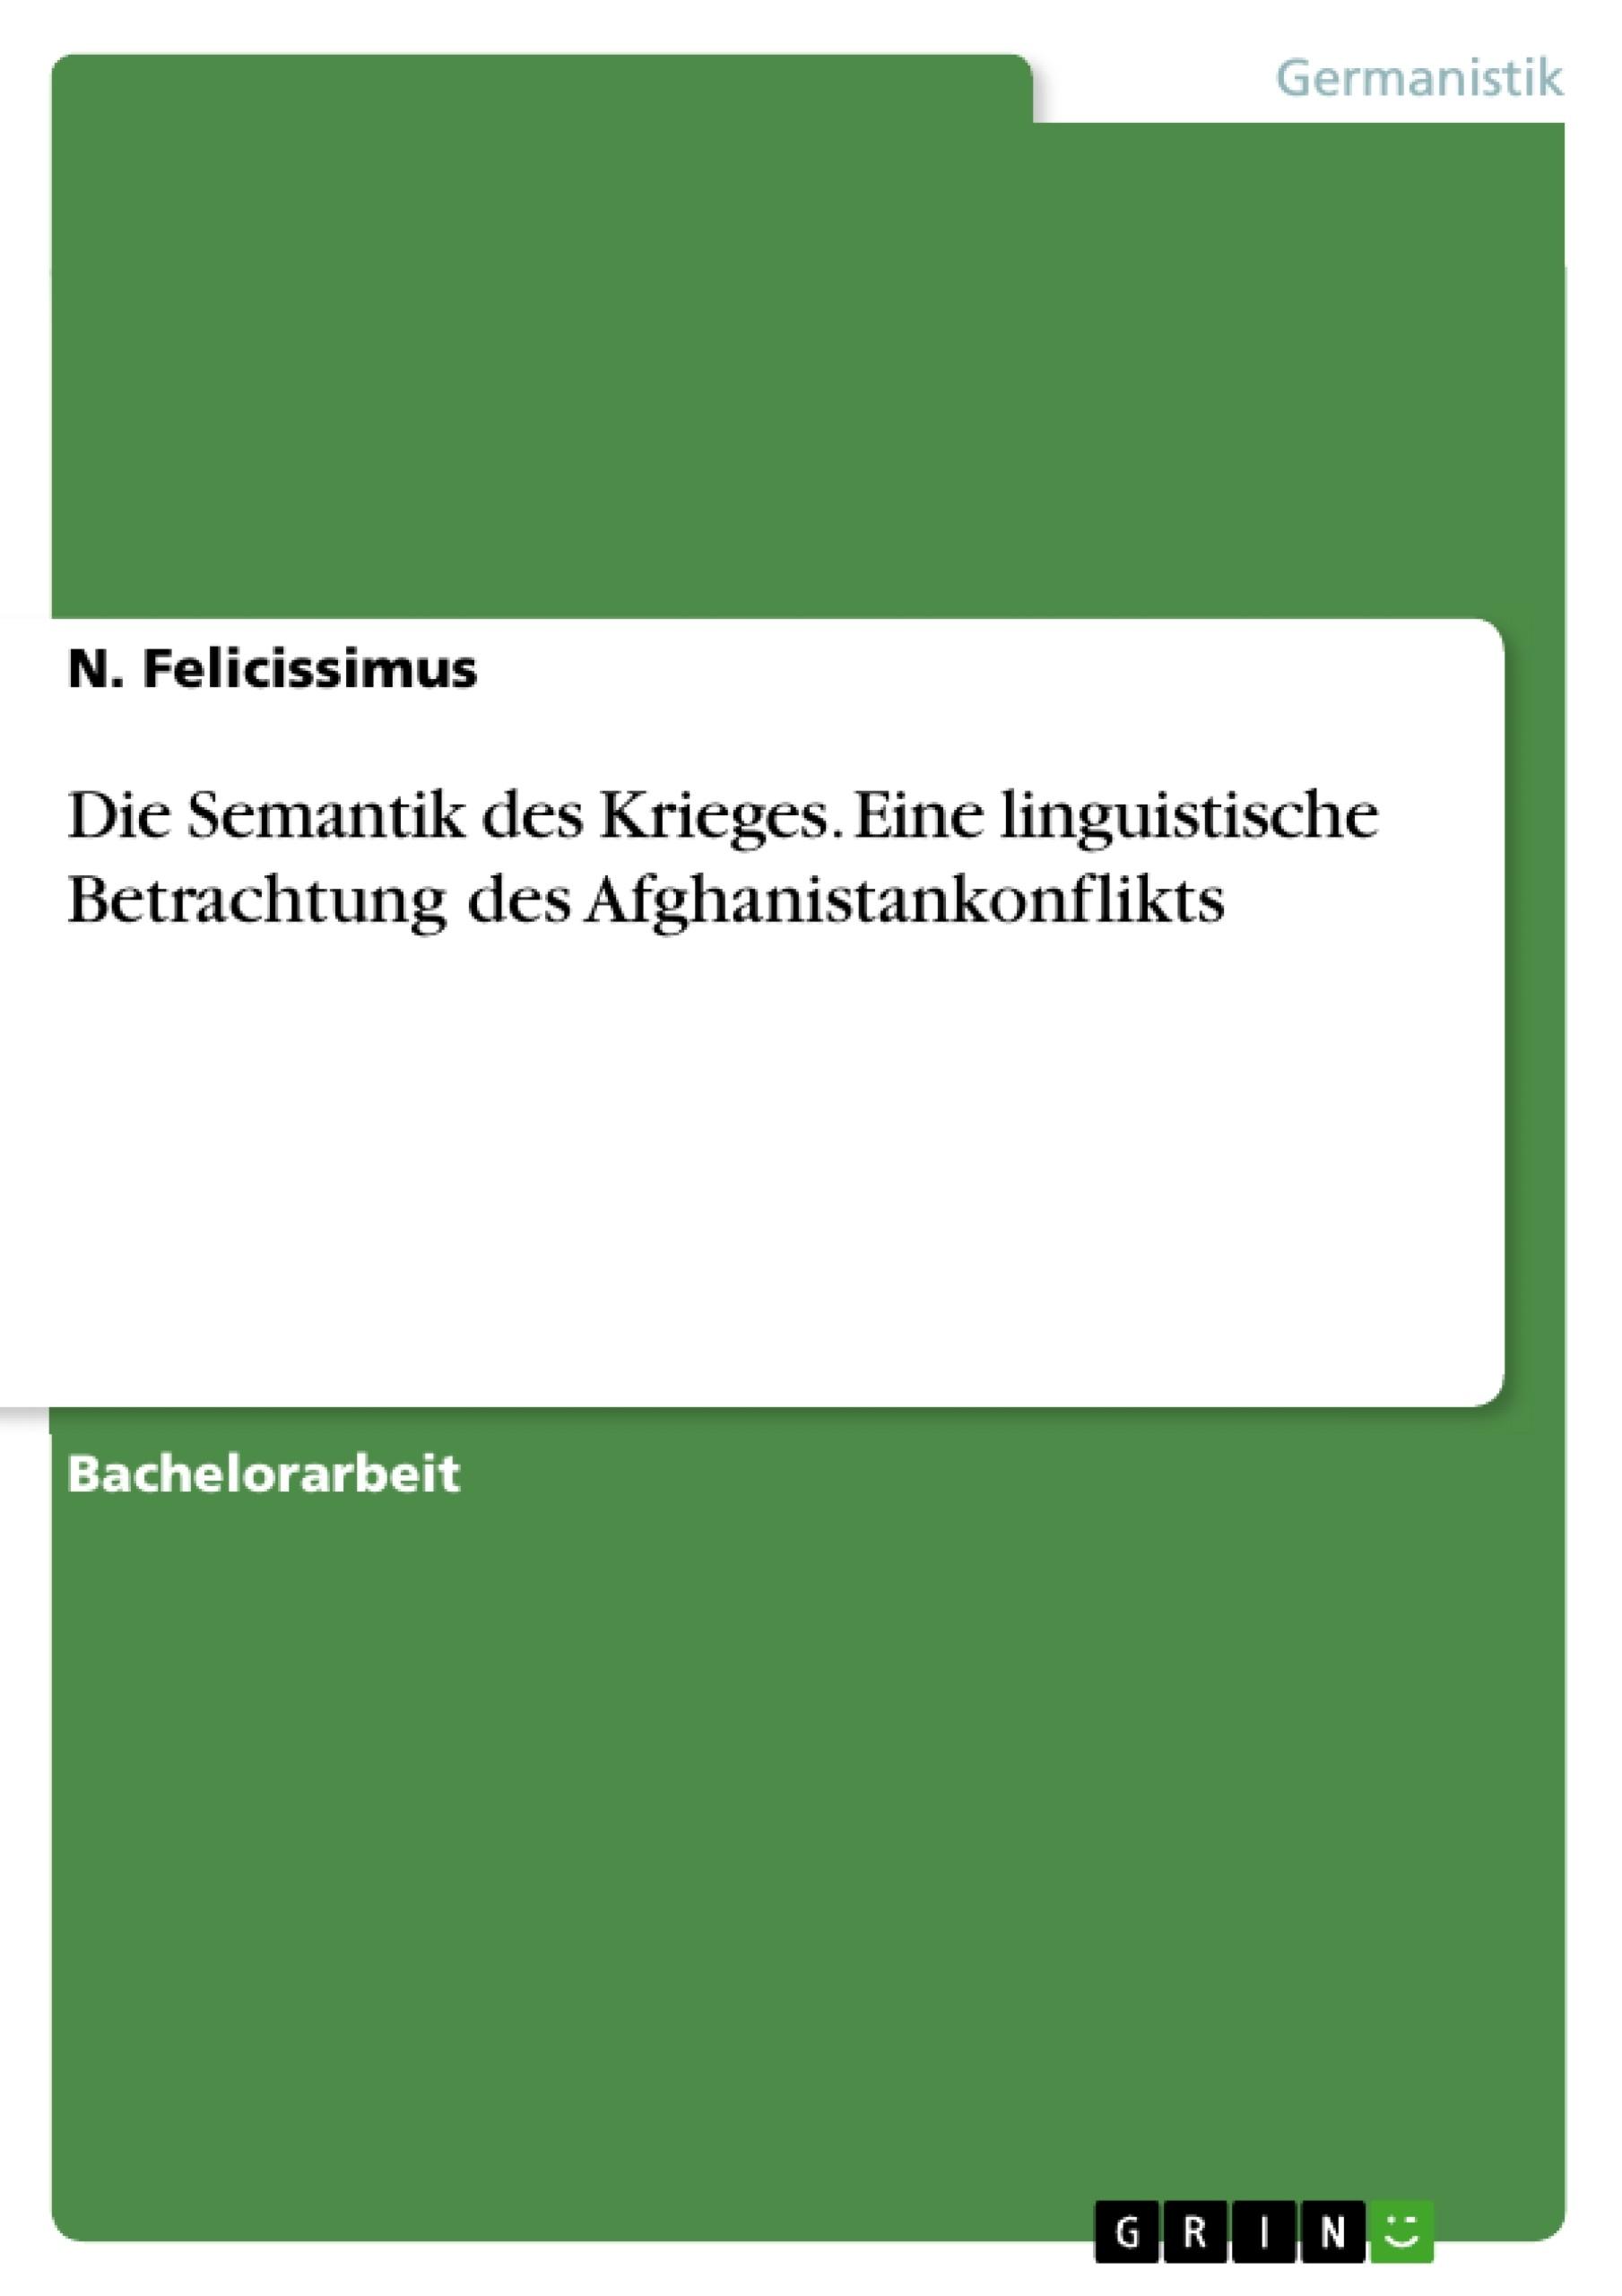 Titel: Die Semantik des Krieges. Eine linguistische Betrachtung des Afghanistankonflikts